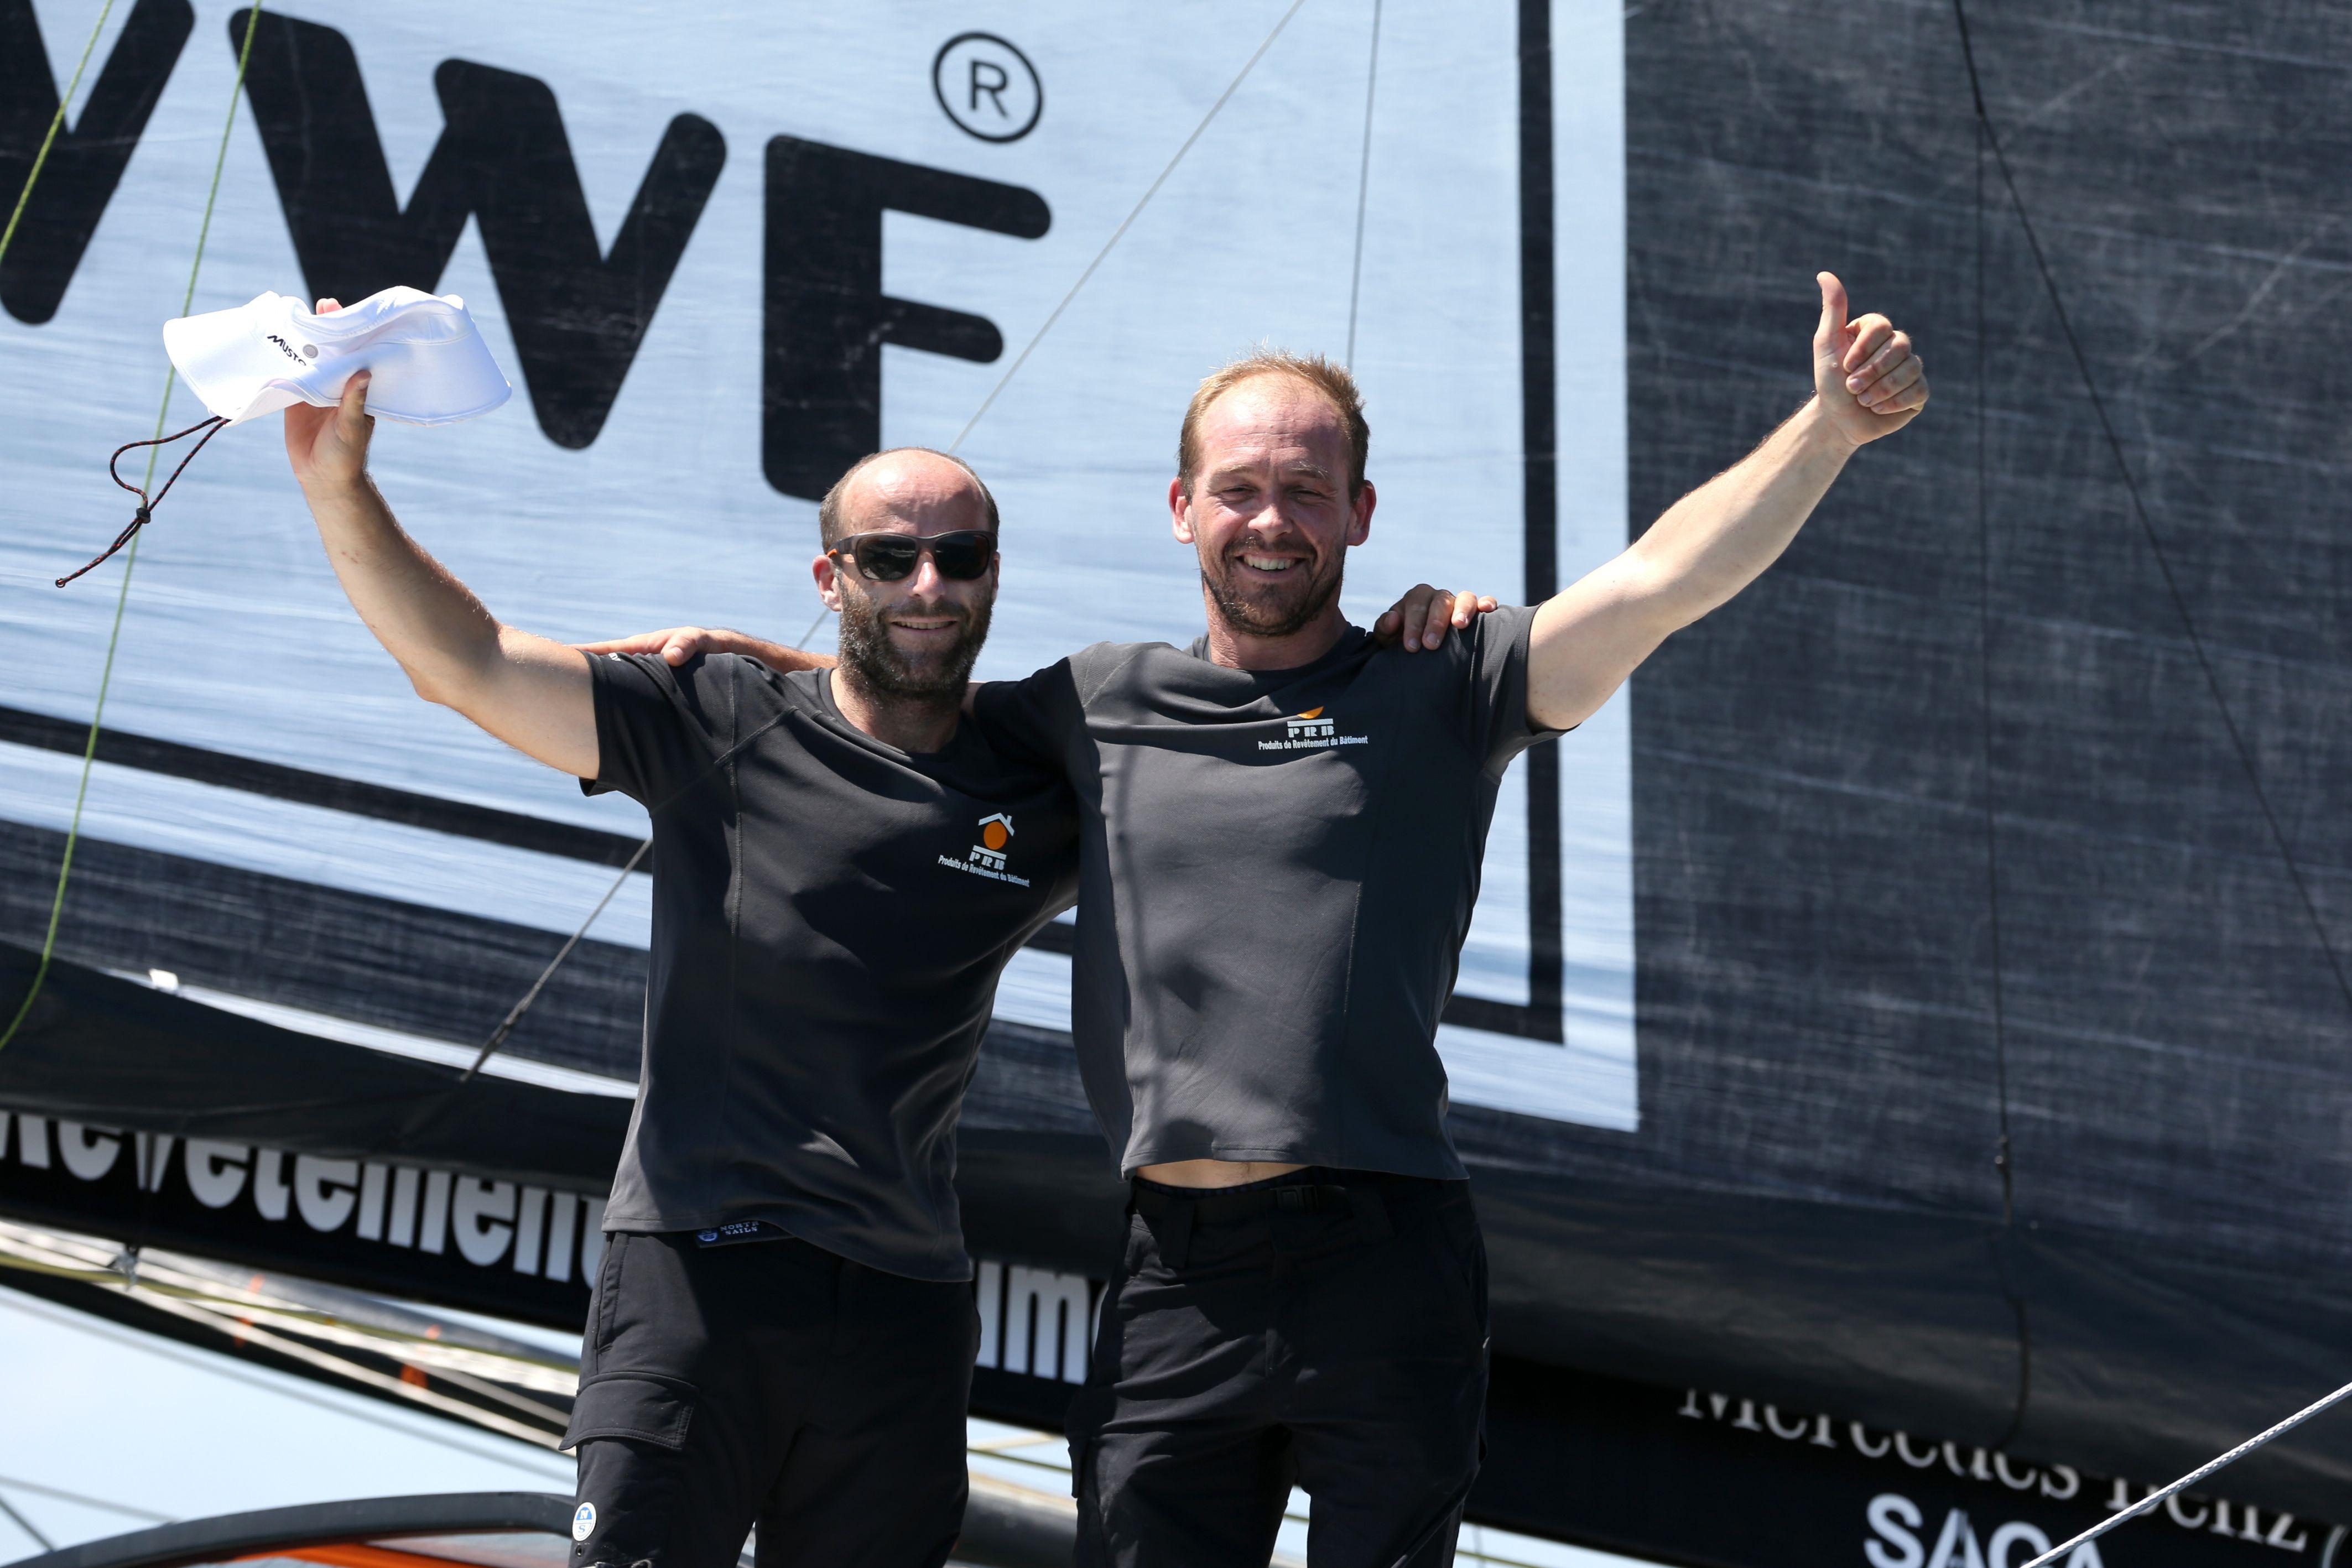 Voile - Transat Jacques Vabre - Kévin Escoffier, heureux 2e à Bahia : «Je m'étais mis une grosse pression»